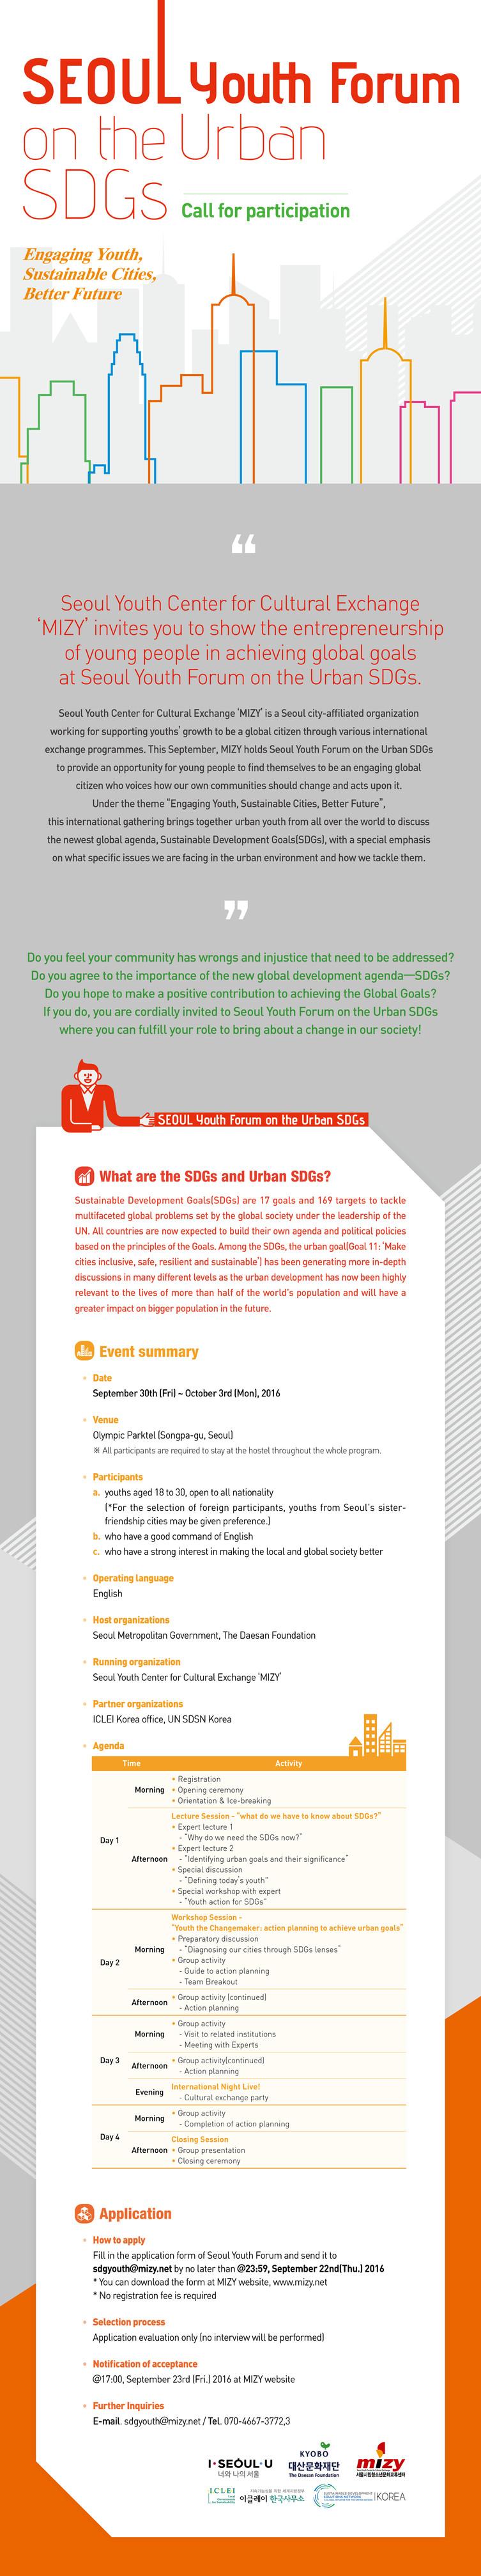 ~09.22(목) Seoul Youth Forum on the Urban SDGs 참가자 모집